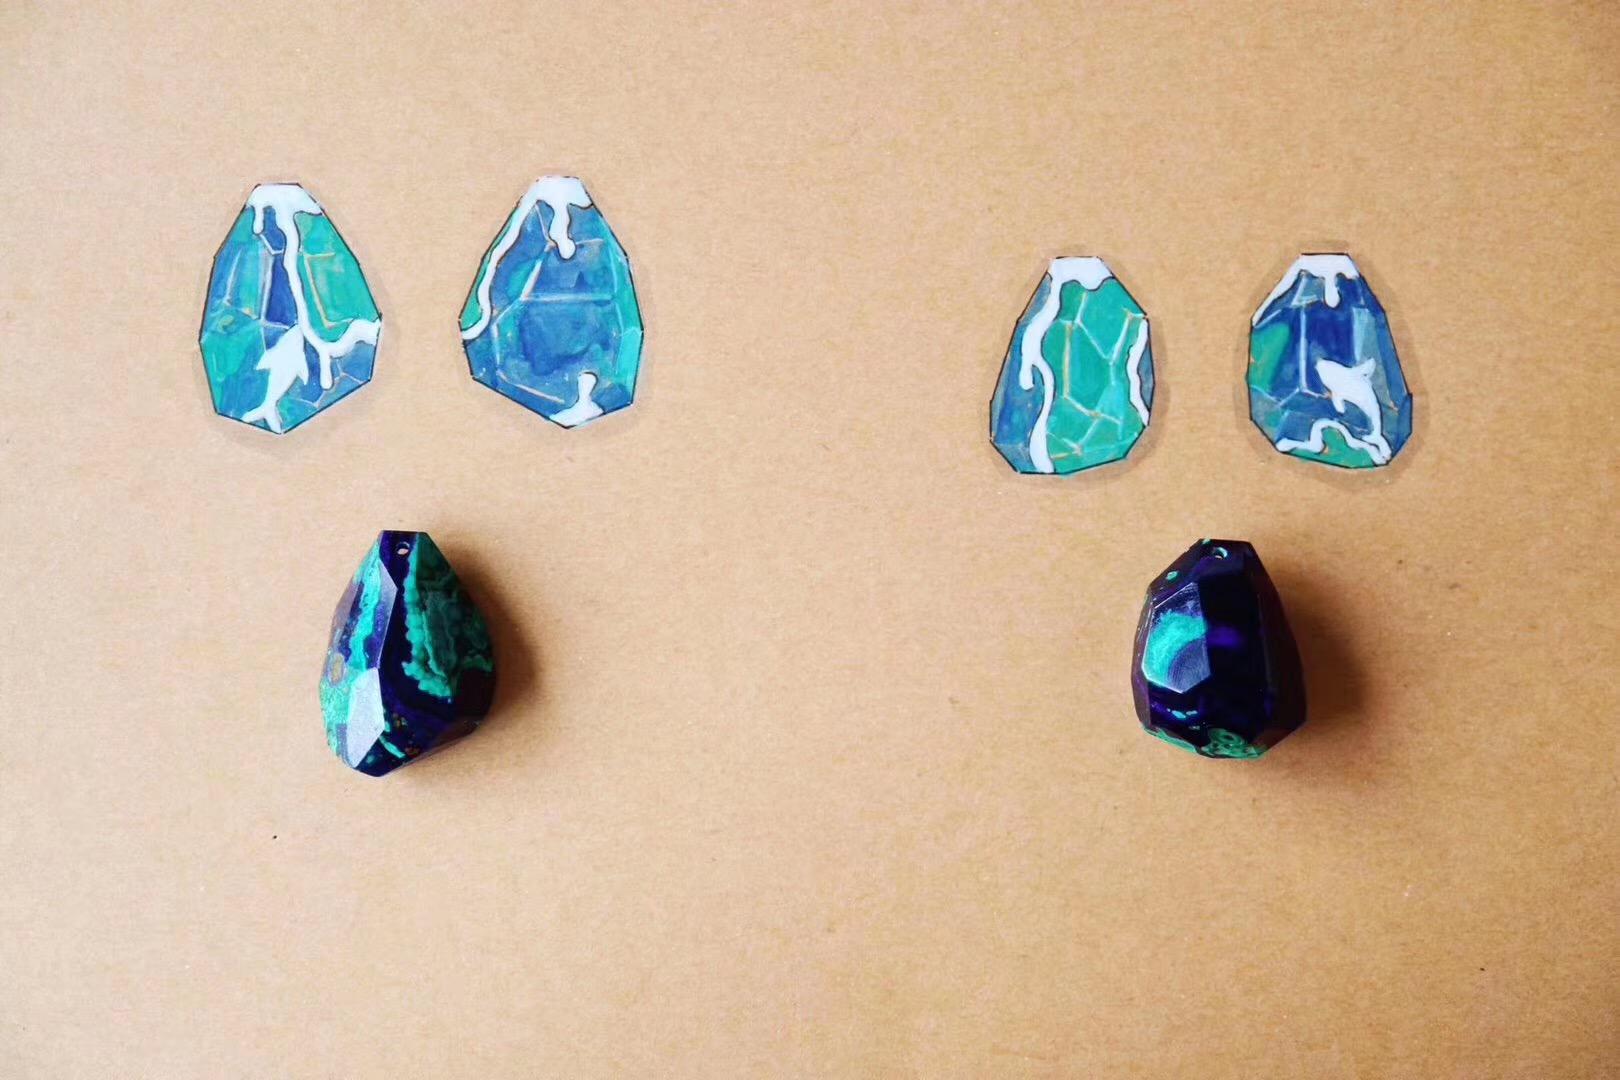 【菩心-蓝铜矿】能够疗愈心轮与喉轮-菩心晶舍